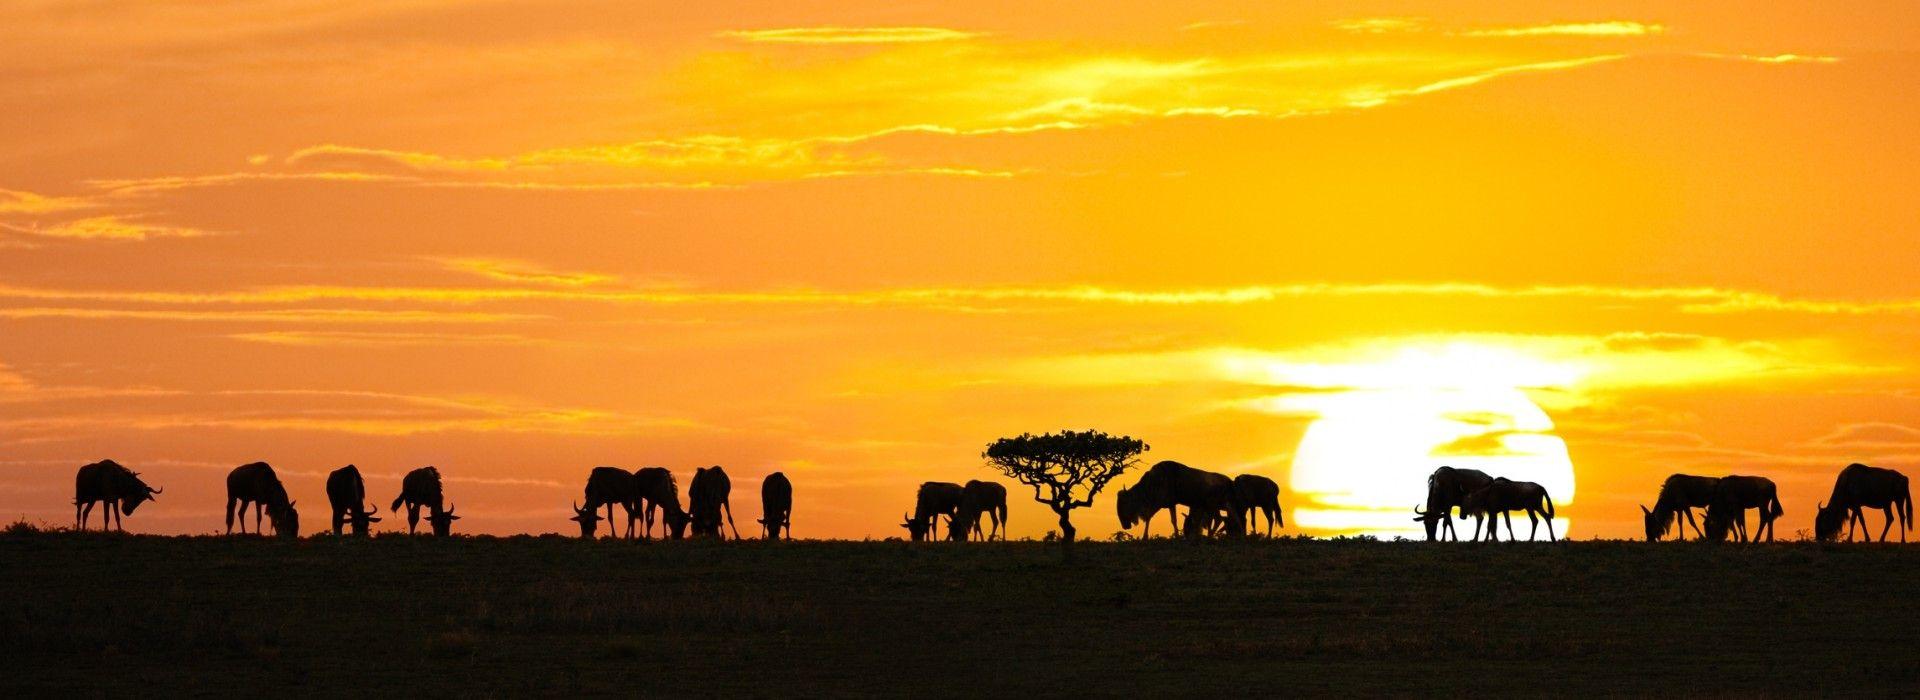 Romantic Tours in Tanzania Safari Parks